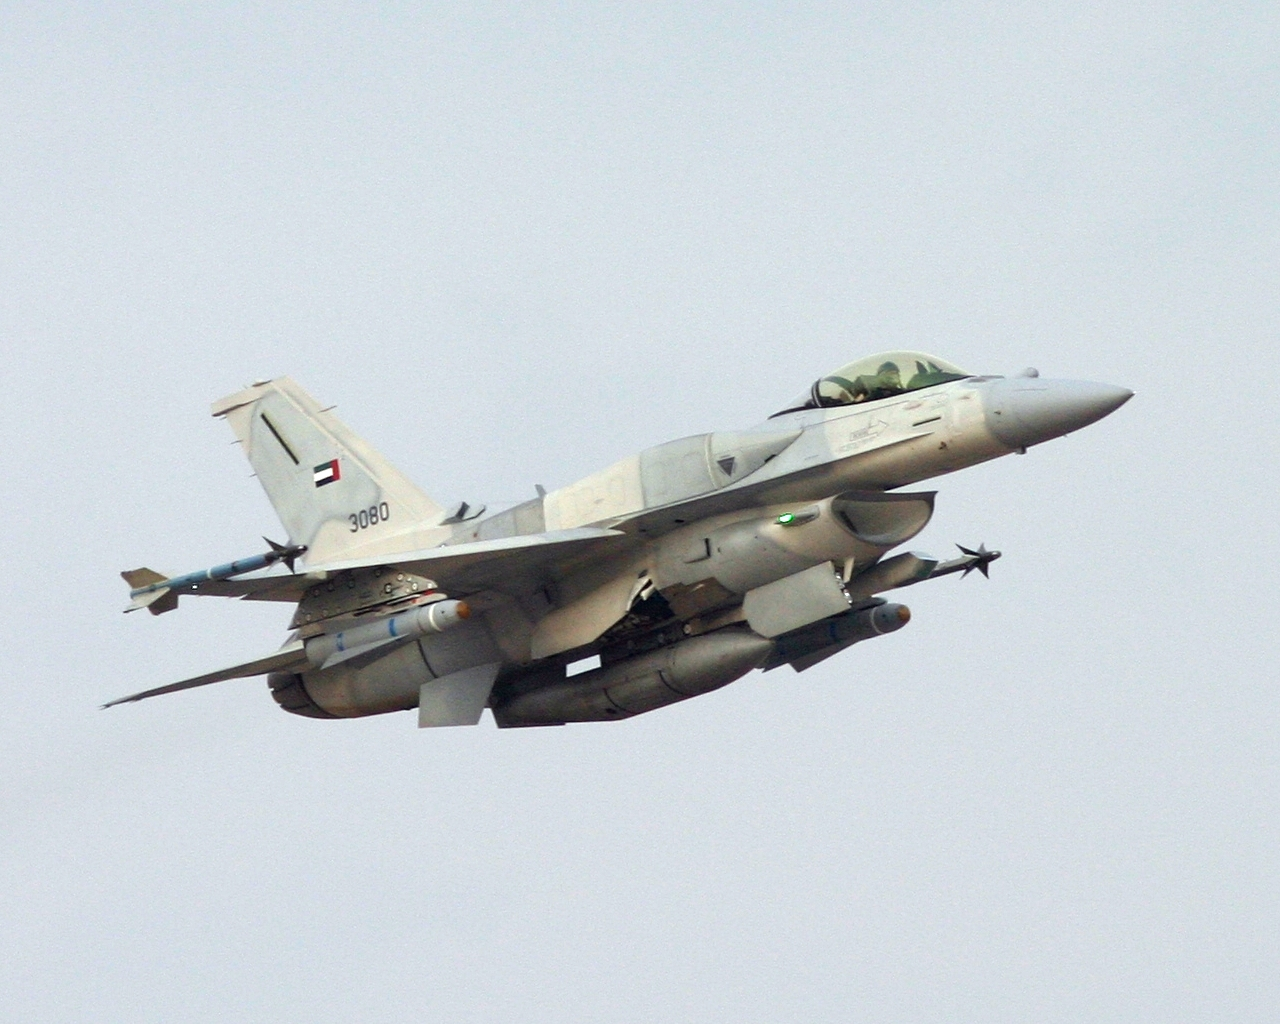 韓国 「日本が新型F-35で、韓国は退役F-15を新規購入ってどういうことだよ!!」